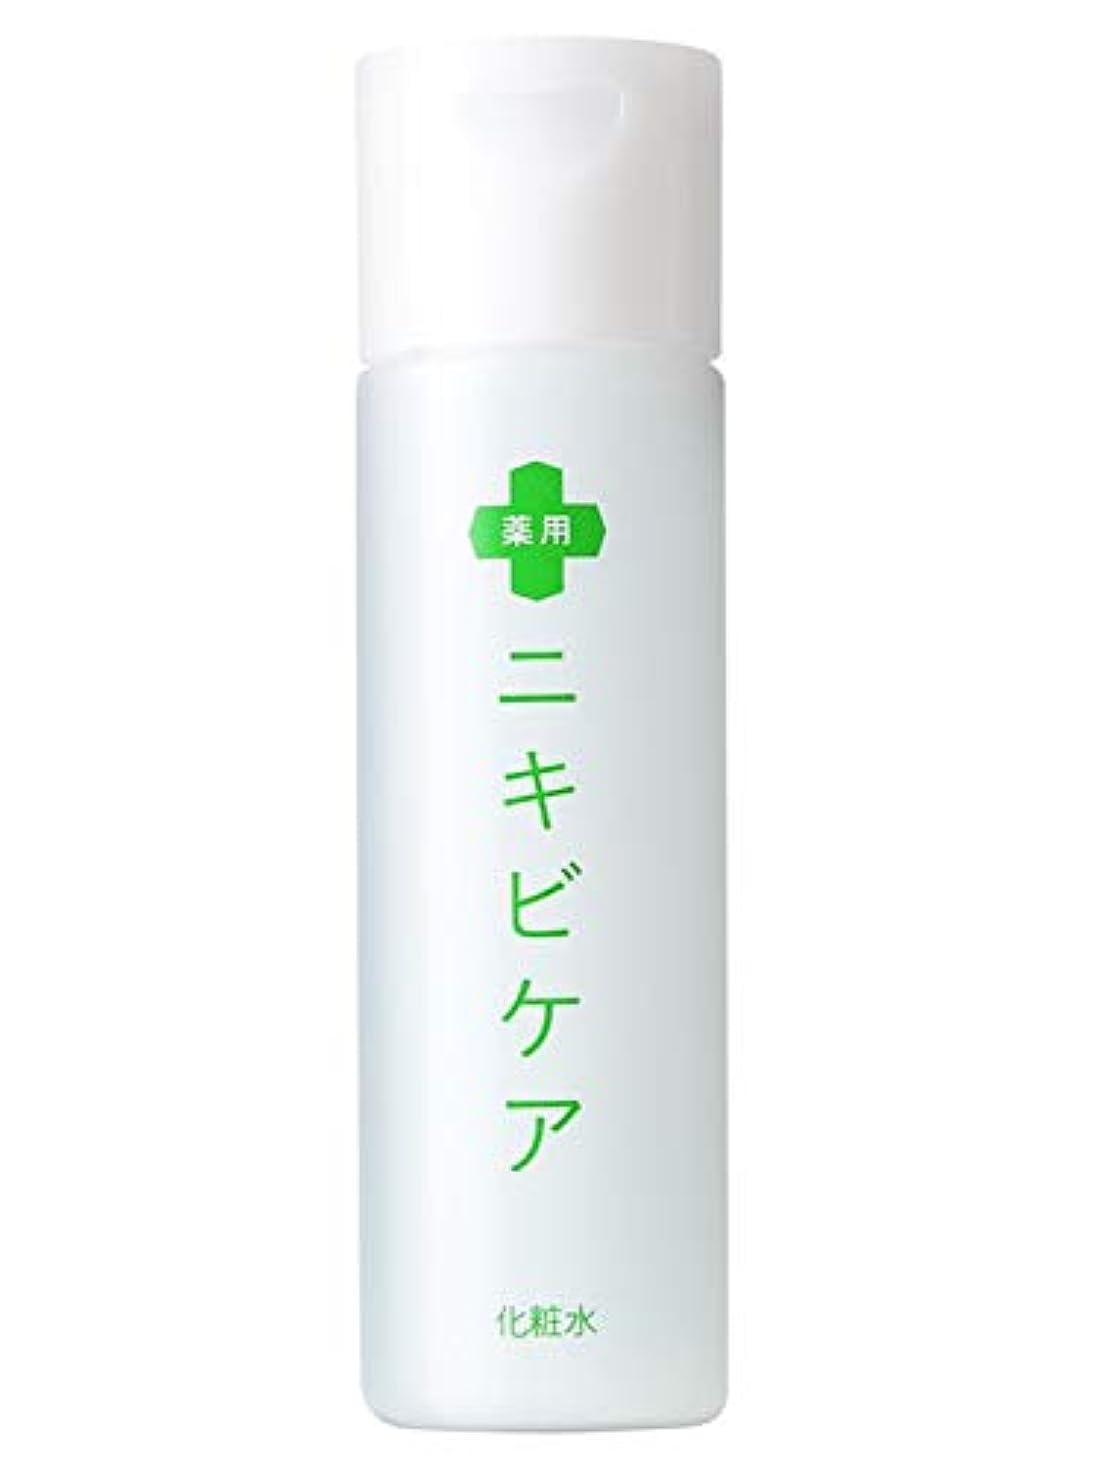 邪魔するレンダーもっともらしい医薬部外品 薬用 ニキビケア 化粧水 大人ニキビ 予防「 あご おでこ 鼻 ニキビ アクネ 対策」「 肌をひきしめサラサラに 」「 コラーゲン プラセンタ 配合 」 メンズ & レディース 120ml